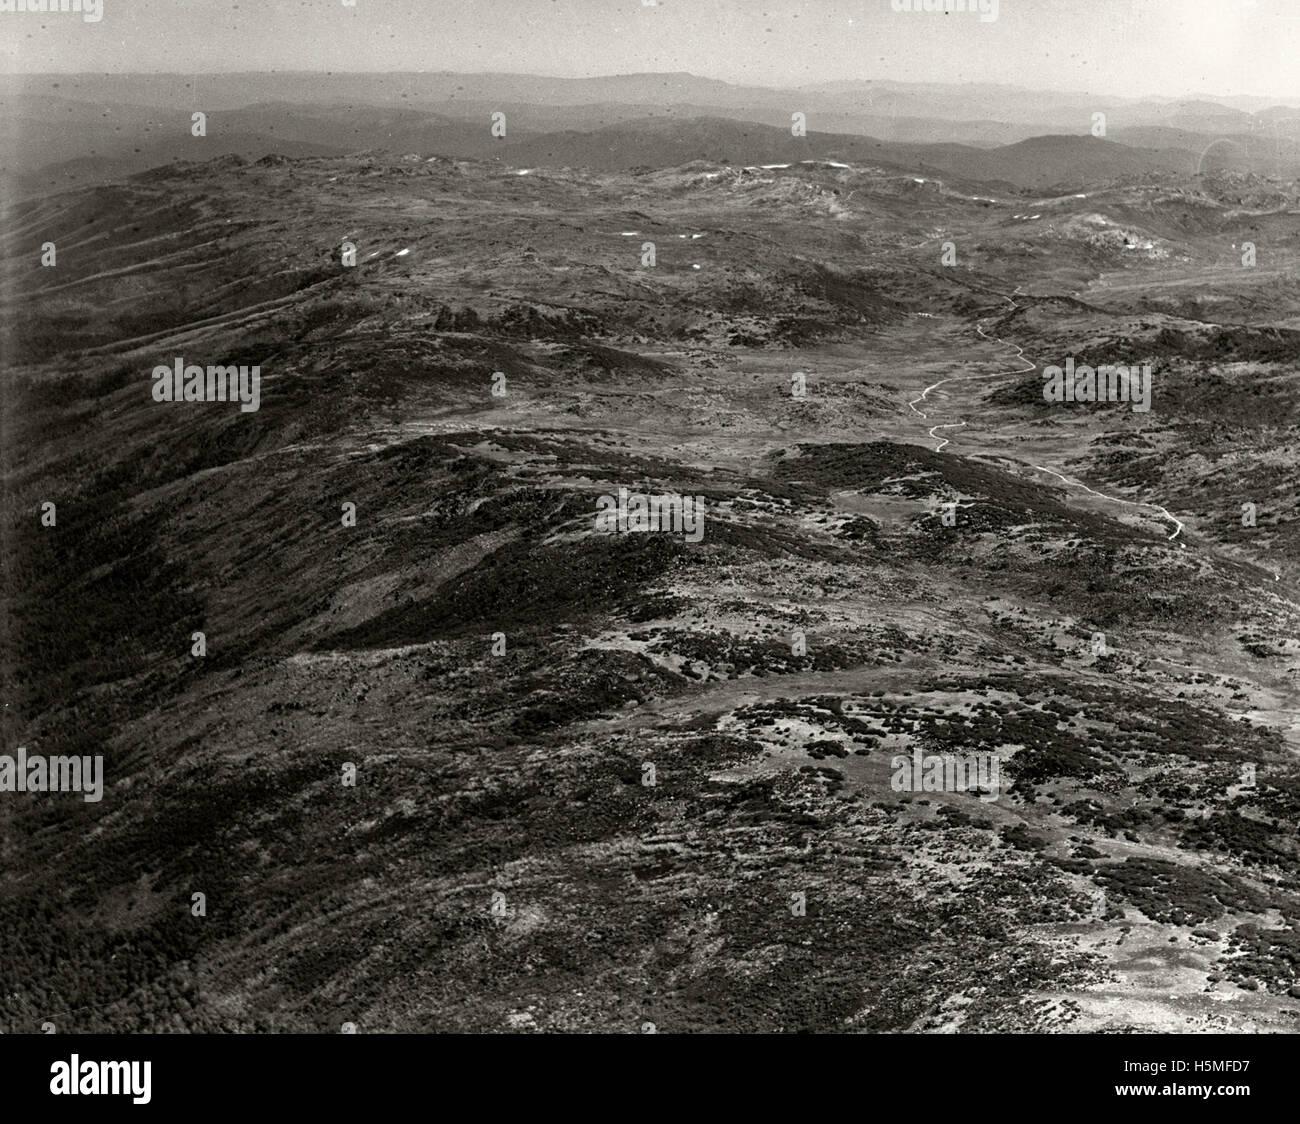 Kosciusko Summit - 11 Mar 1937 - Stock Image